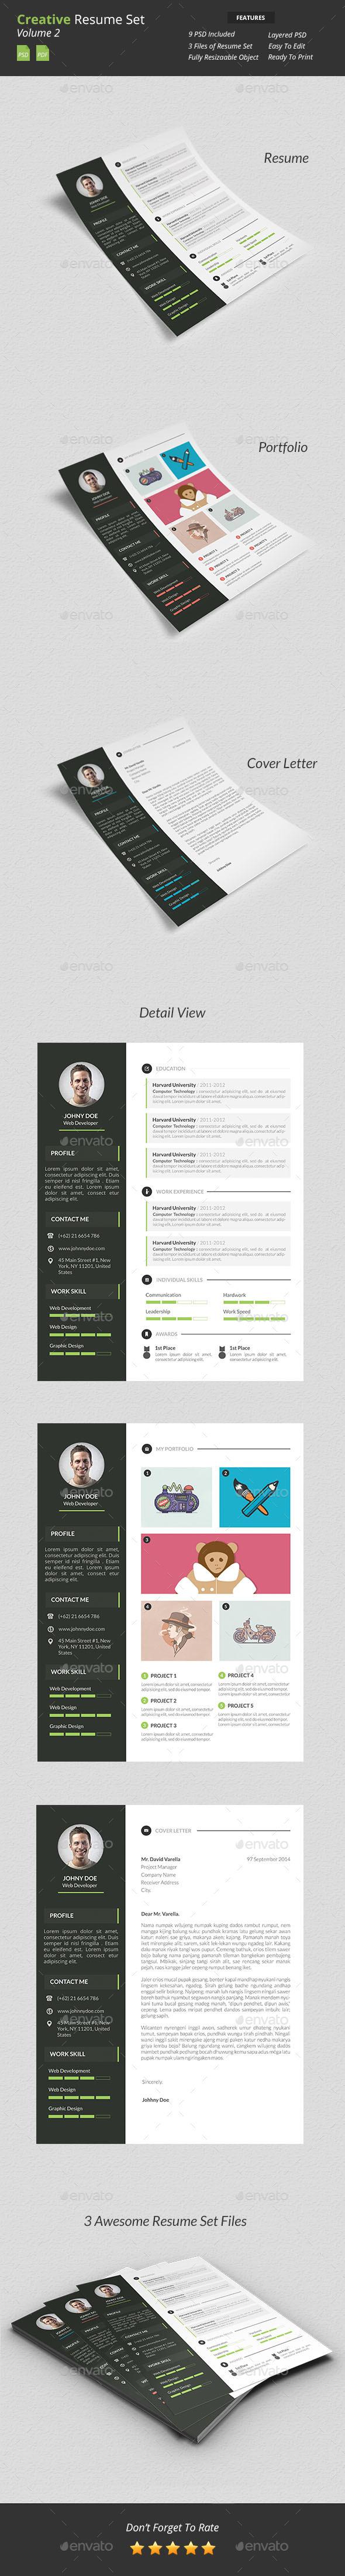 Creative Resume Set v2 - Resumes Stationery